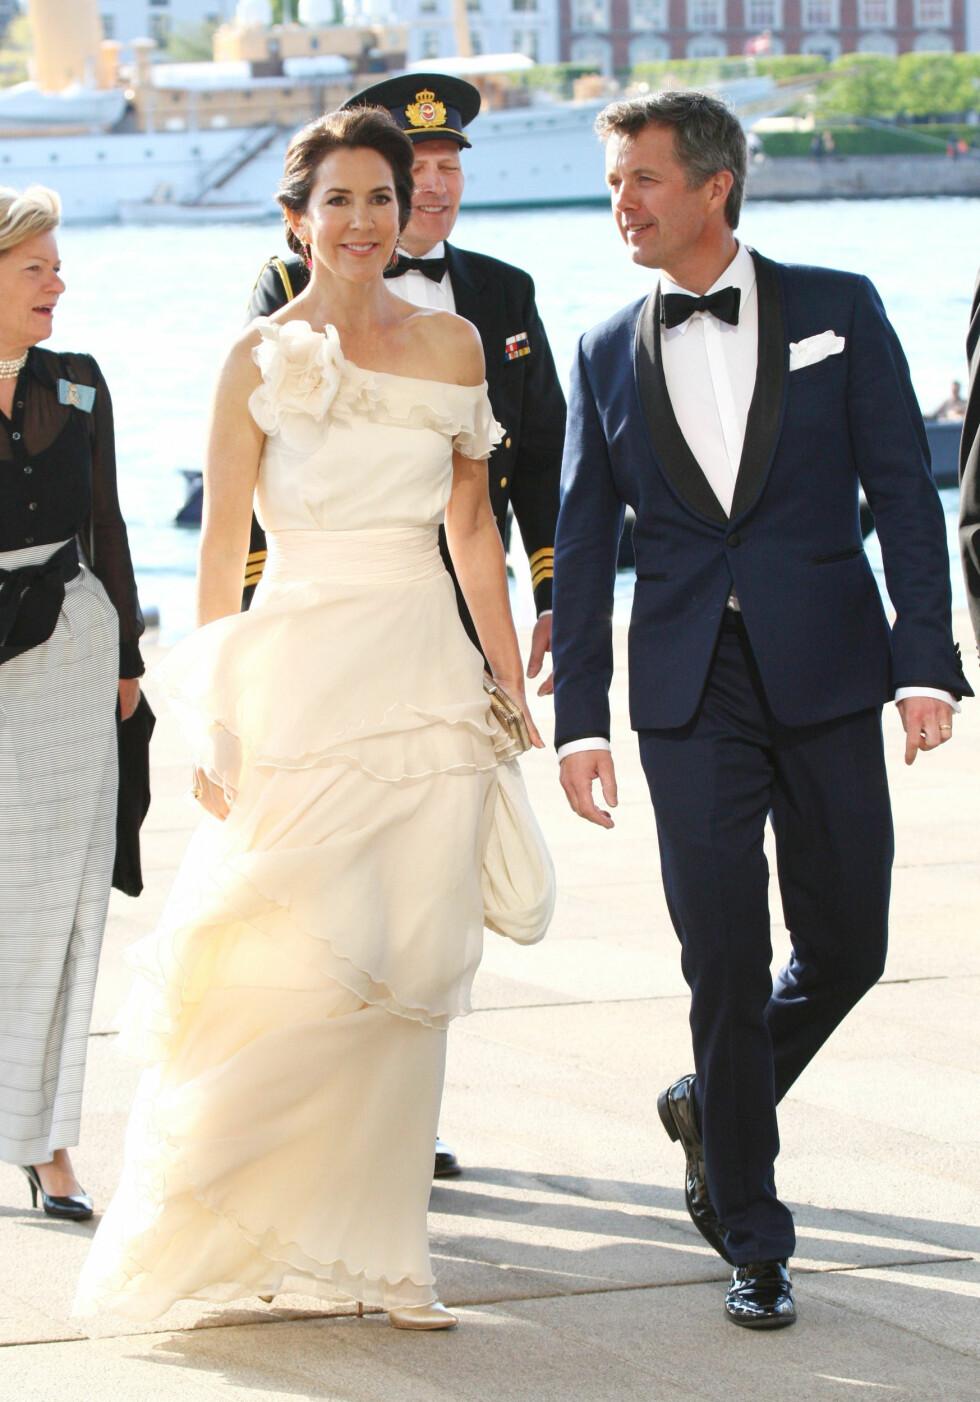 WOW!: Kronprinsesse Mary så helt fantastisk ut da Den kongelige danske yachtklub arrangerte 150-årsjubileum i operaen i København i mai. Skulle nesten tro at Mary og Frederik var på vei til sitt eget bryllup, si! Foto: NTB Scanpix